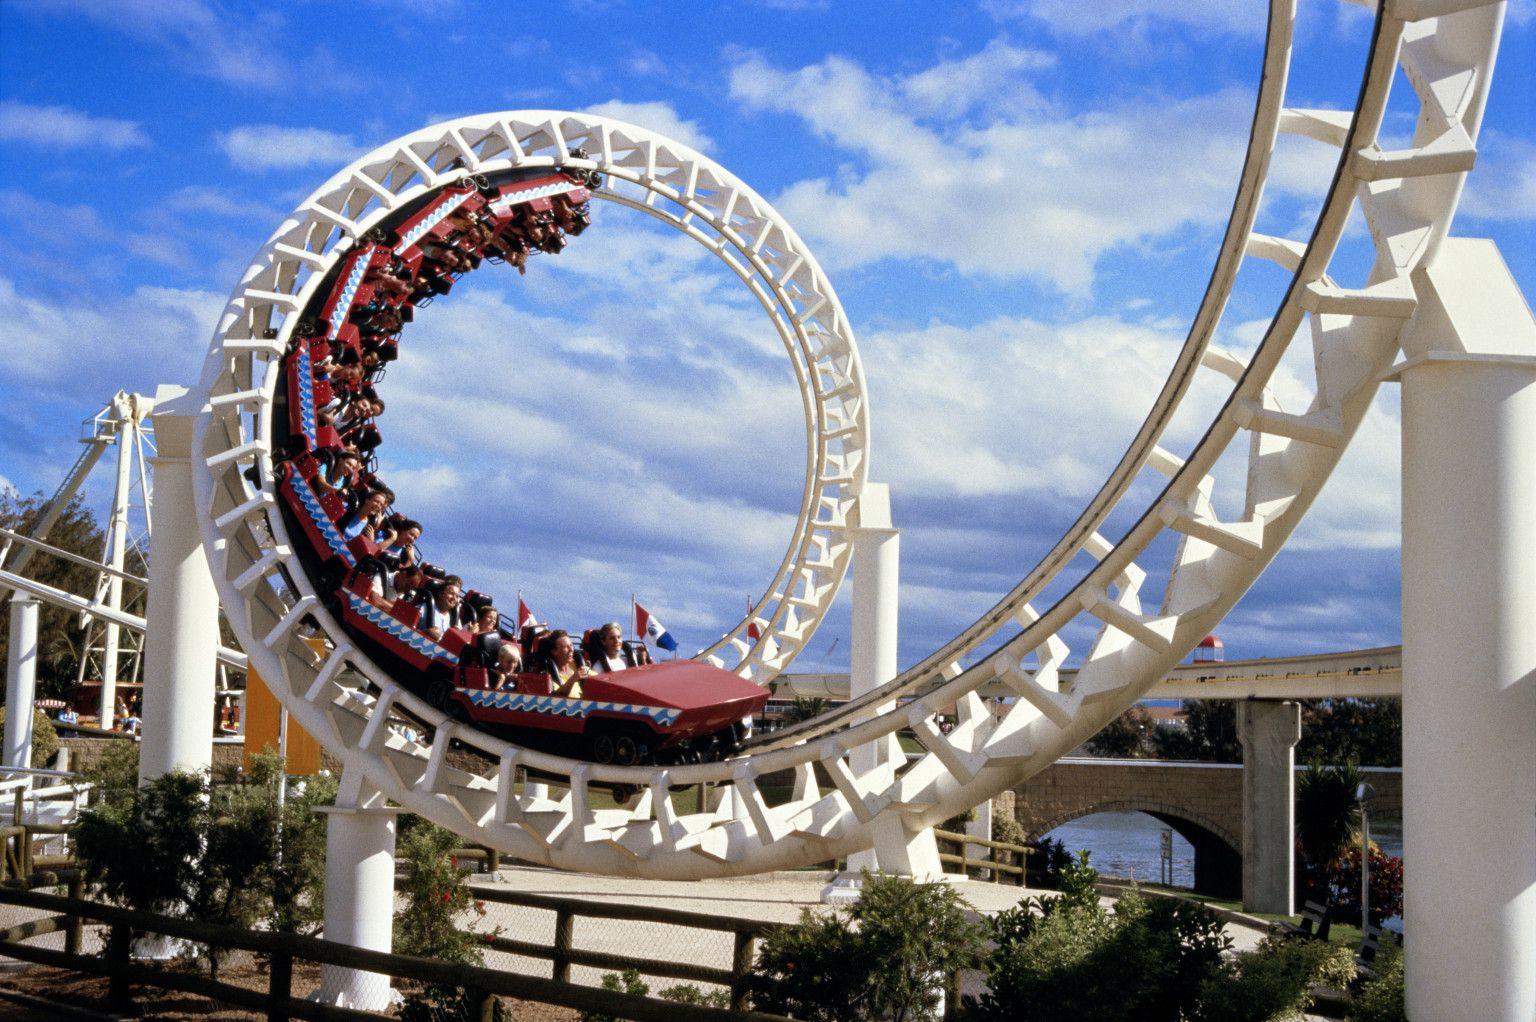 What Are The Most Dangerous Amusement Park Rides Amusement Park Roller Coaster Amusement Park Rides